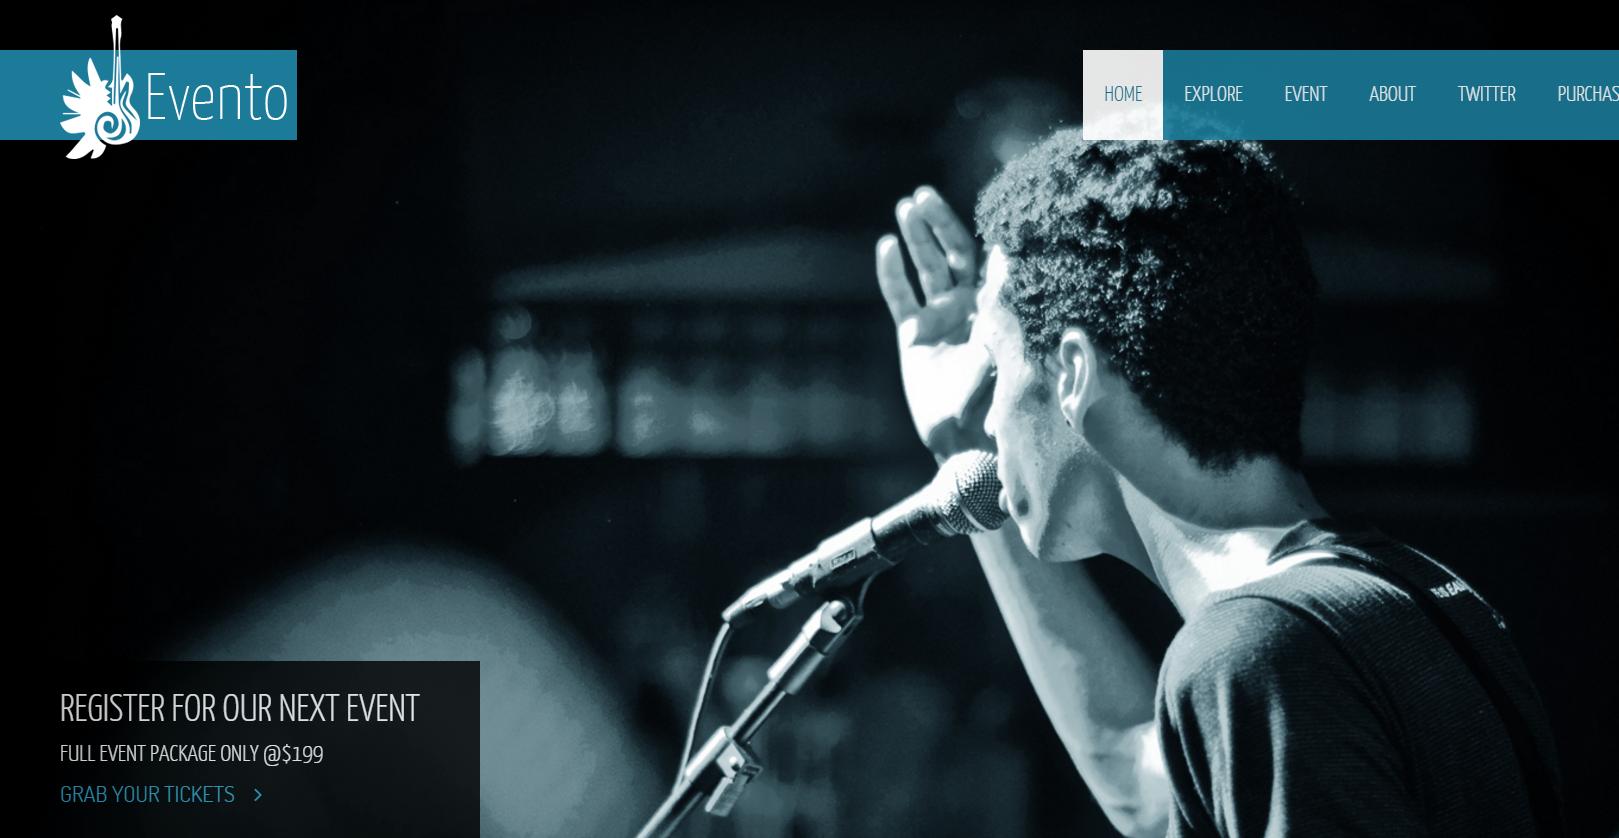 演唱会票务公司网站模板